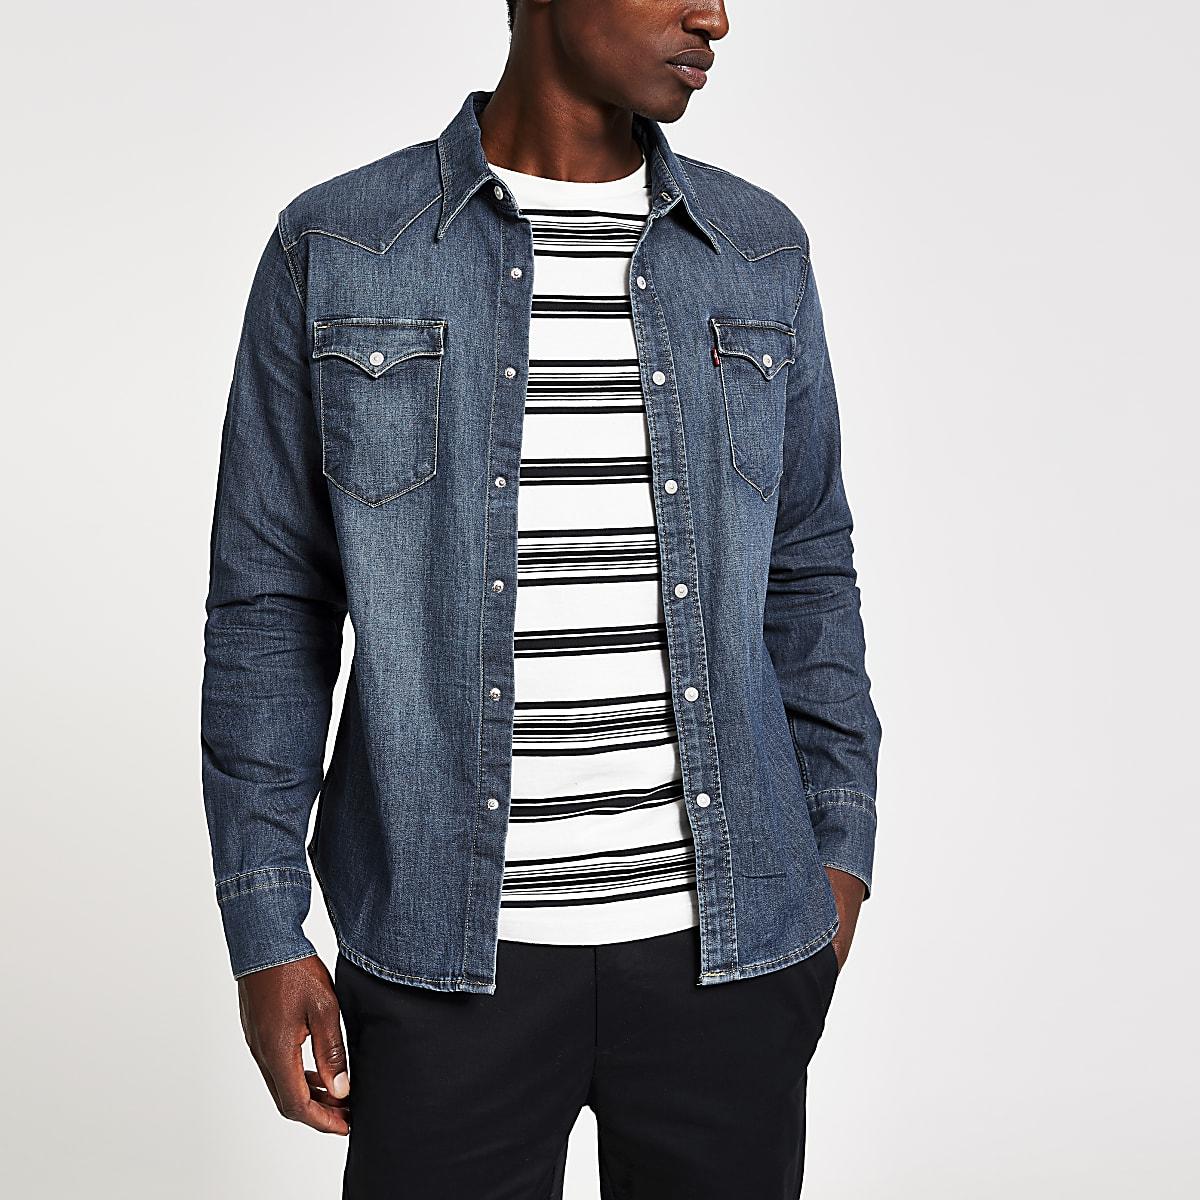 Levi's - Donkerblauw denim overhemd met lange mouwen